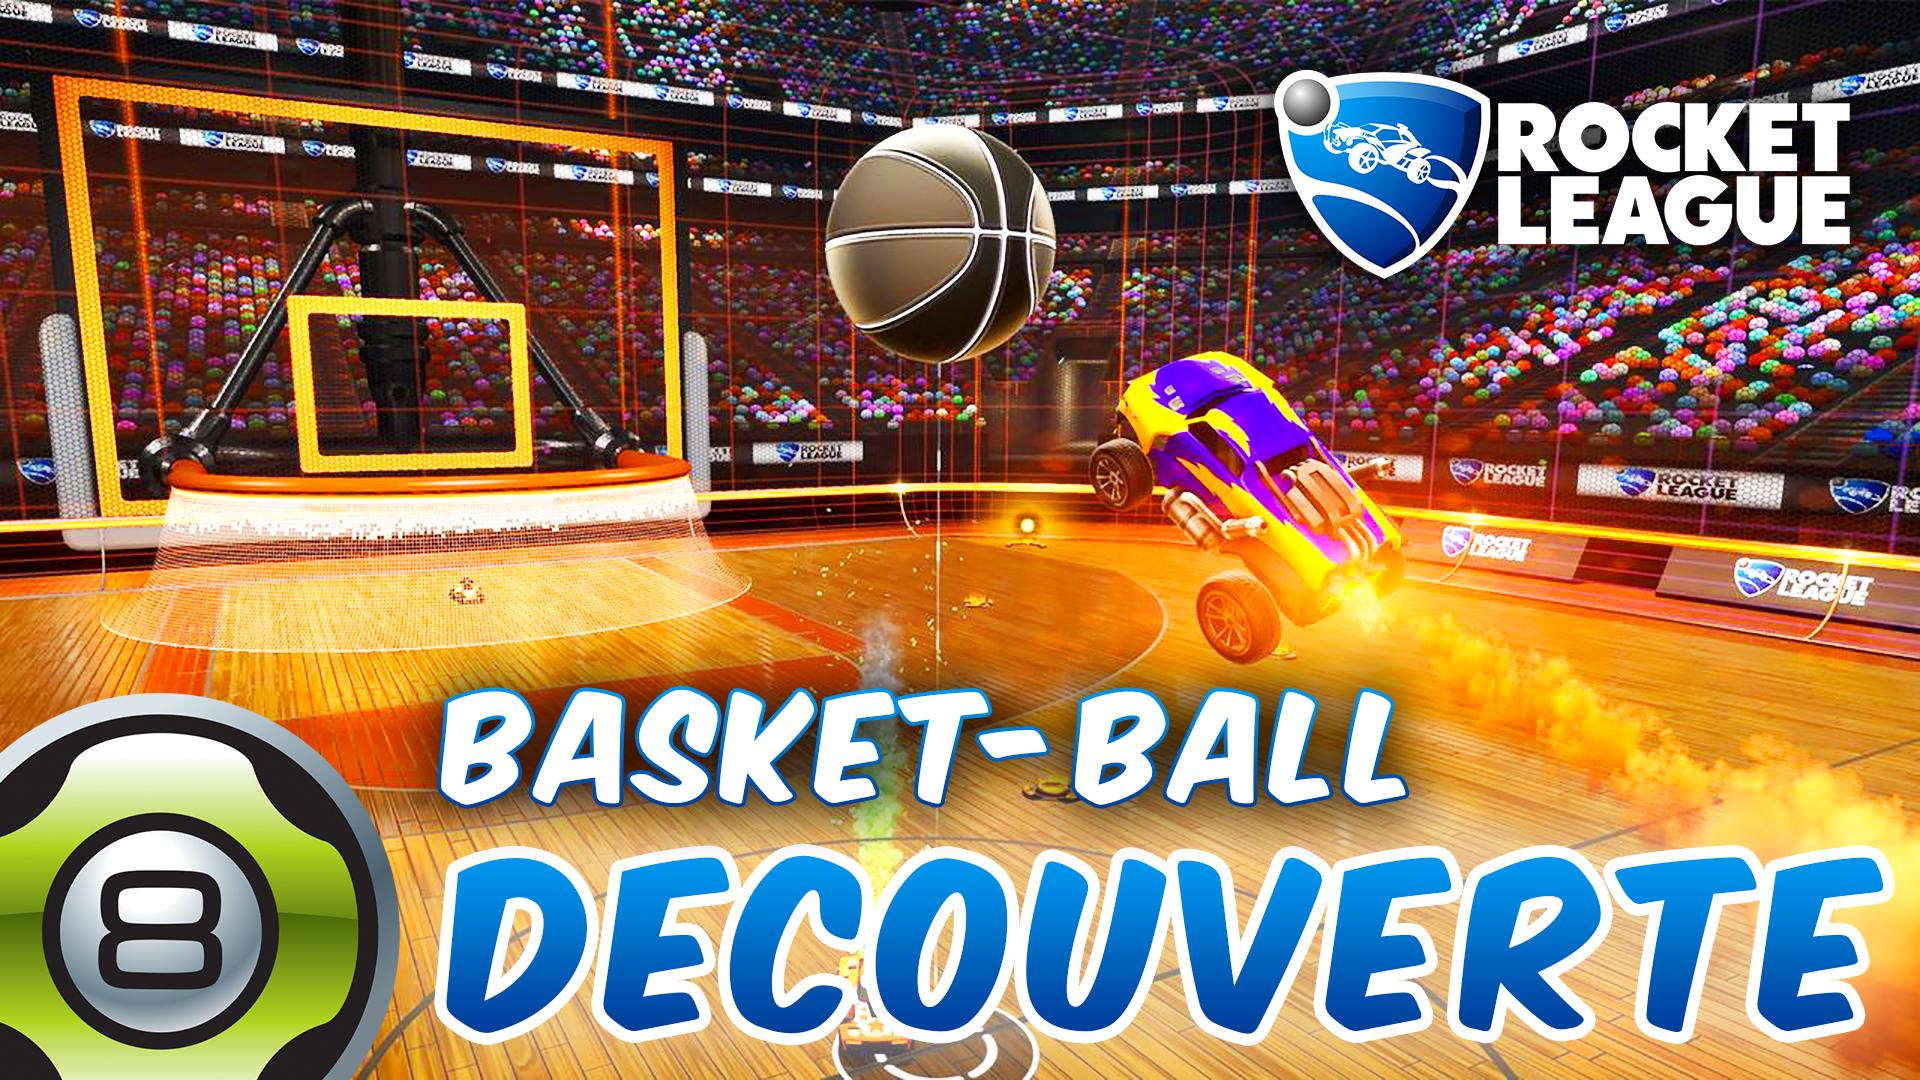 Découverte du nouveau mode Basket-ball de Rocket League